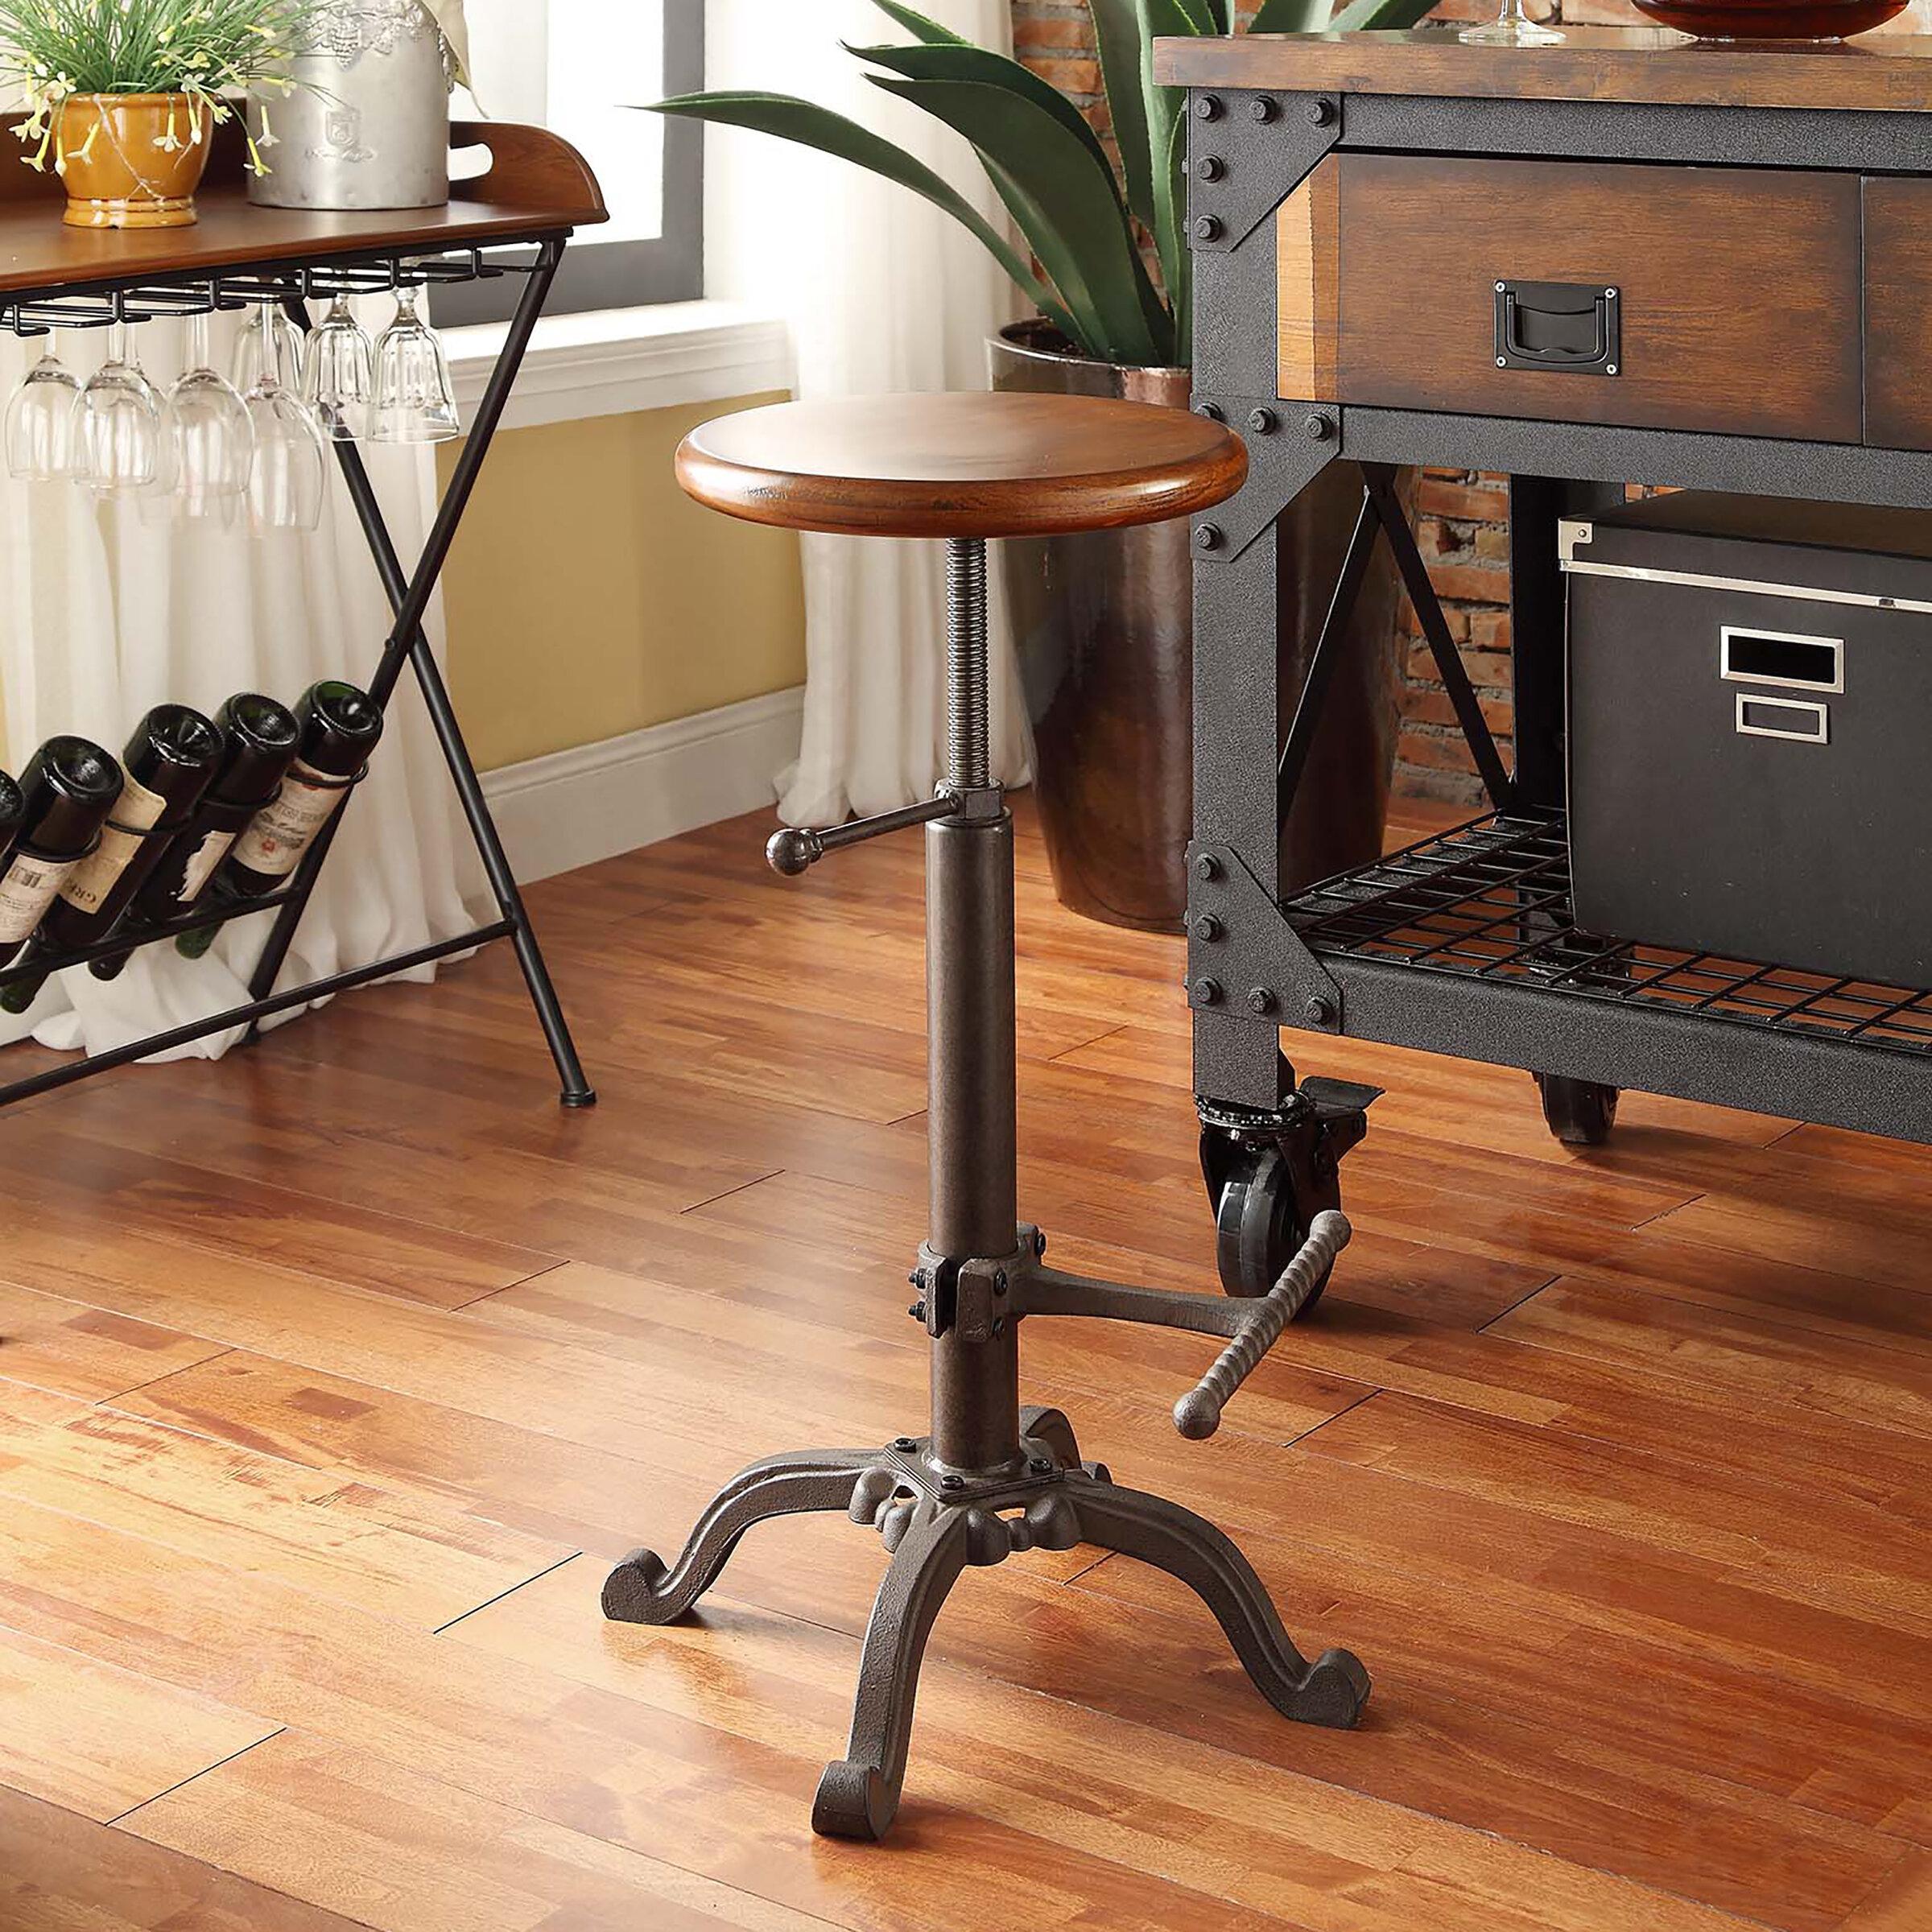 Sensational Adjustable Height Swivel Bar Stool Alphanode Cool Chair Designs And Ideas Alphanodeonline